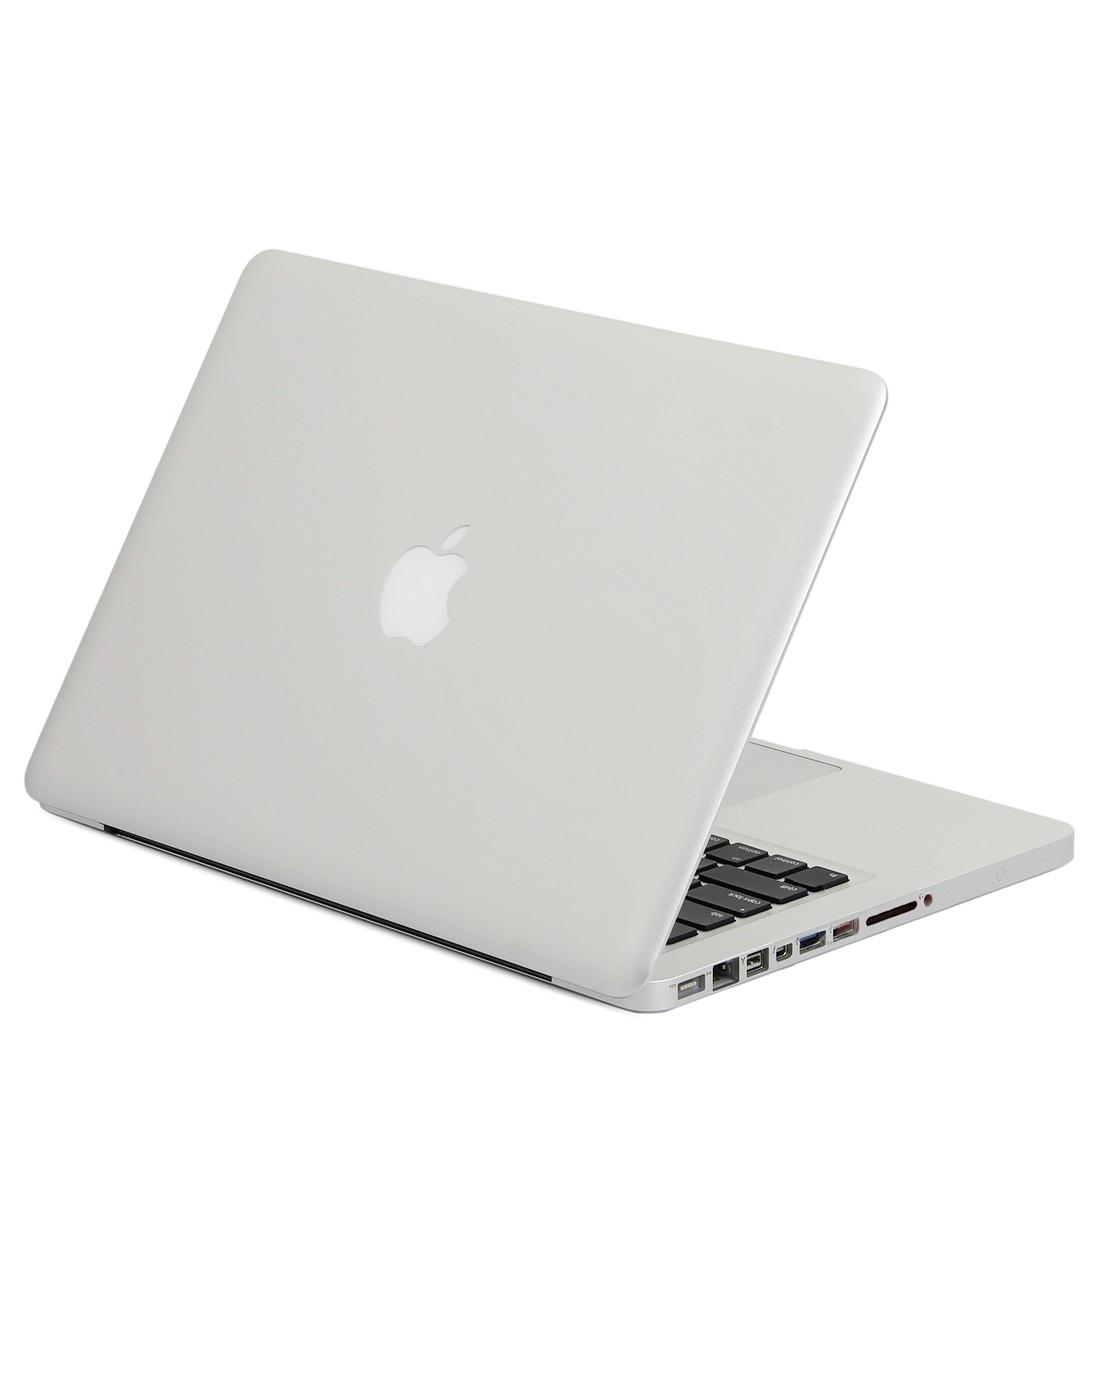 笔记本 笔记本电脑 1100_1390 竖版 竖屏